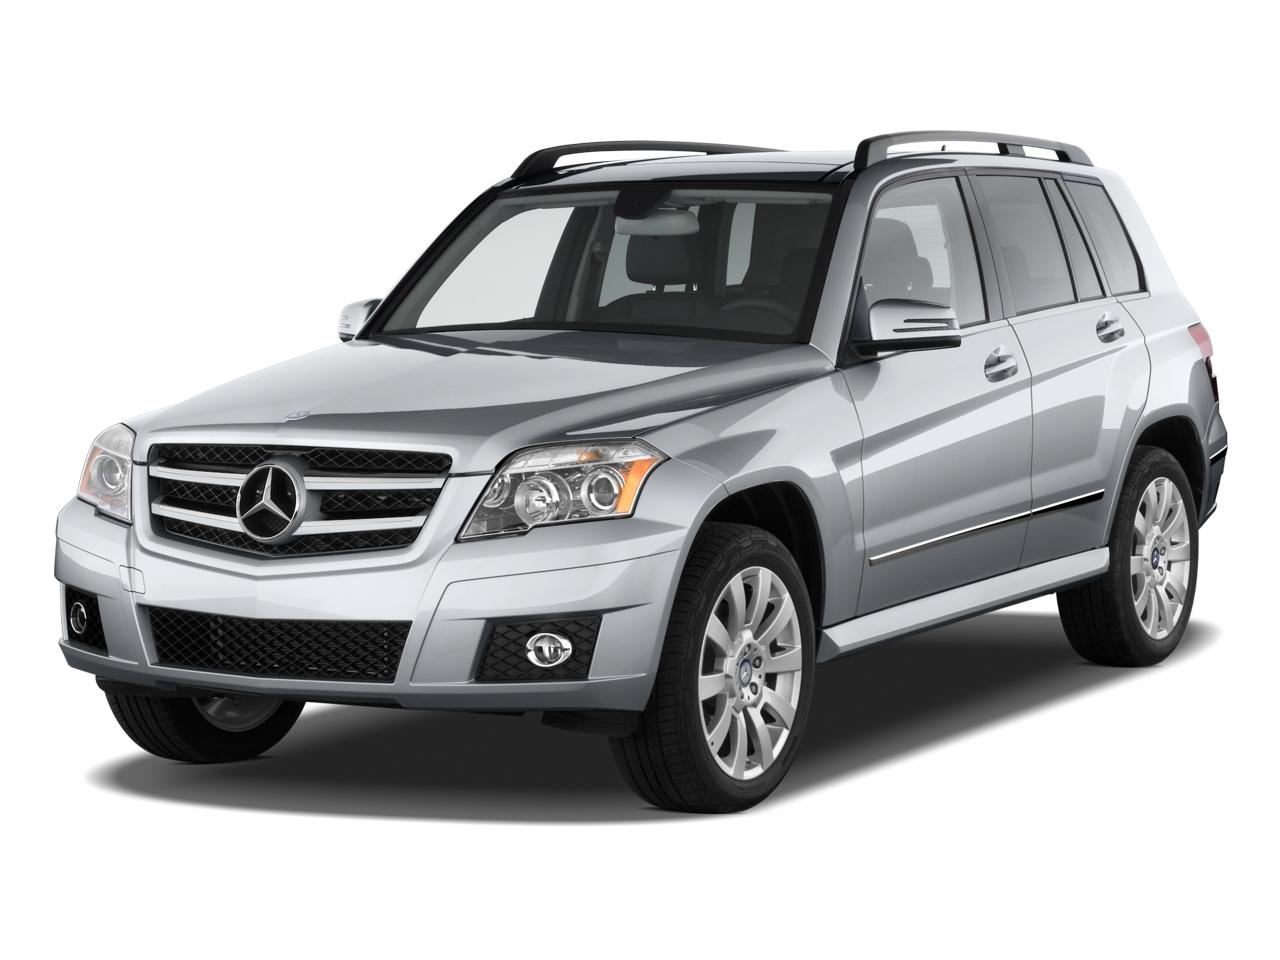 Automotive Review: Mercedes-Benz GLK